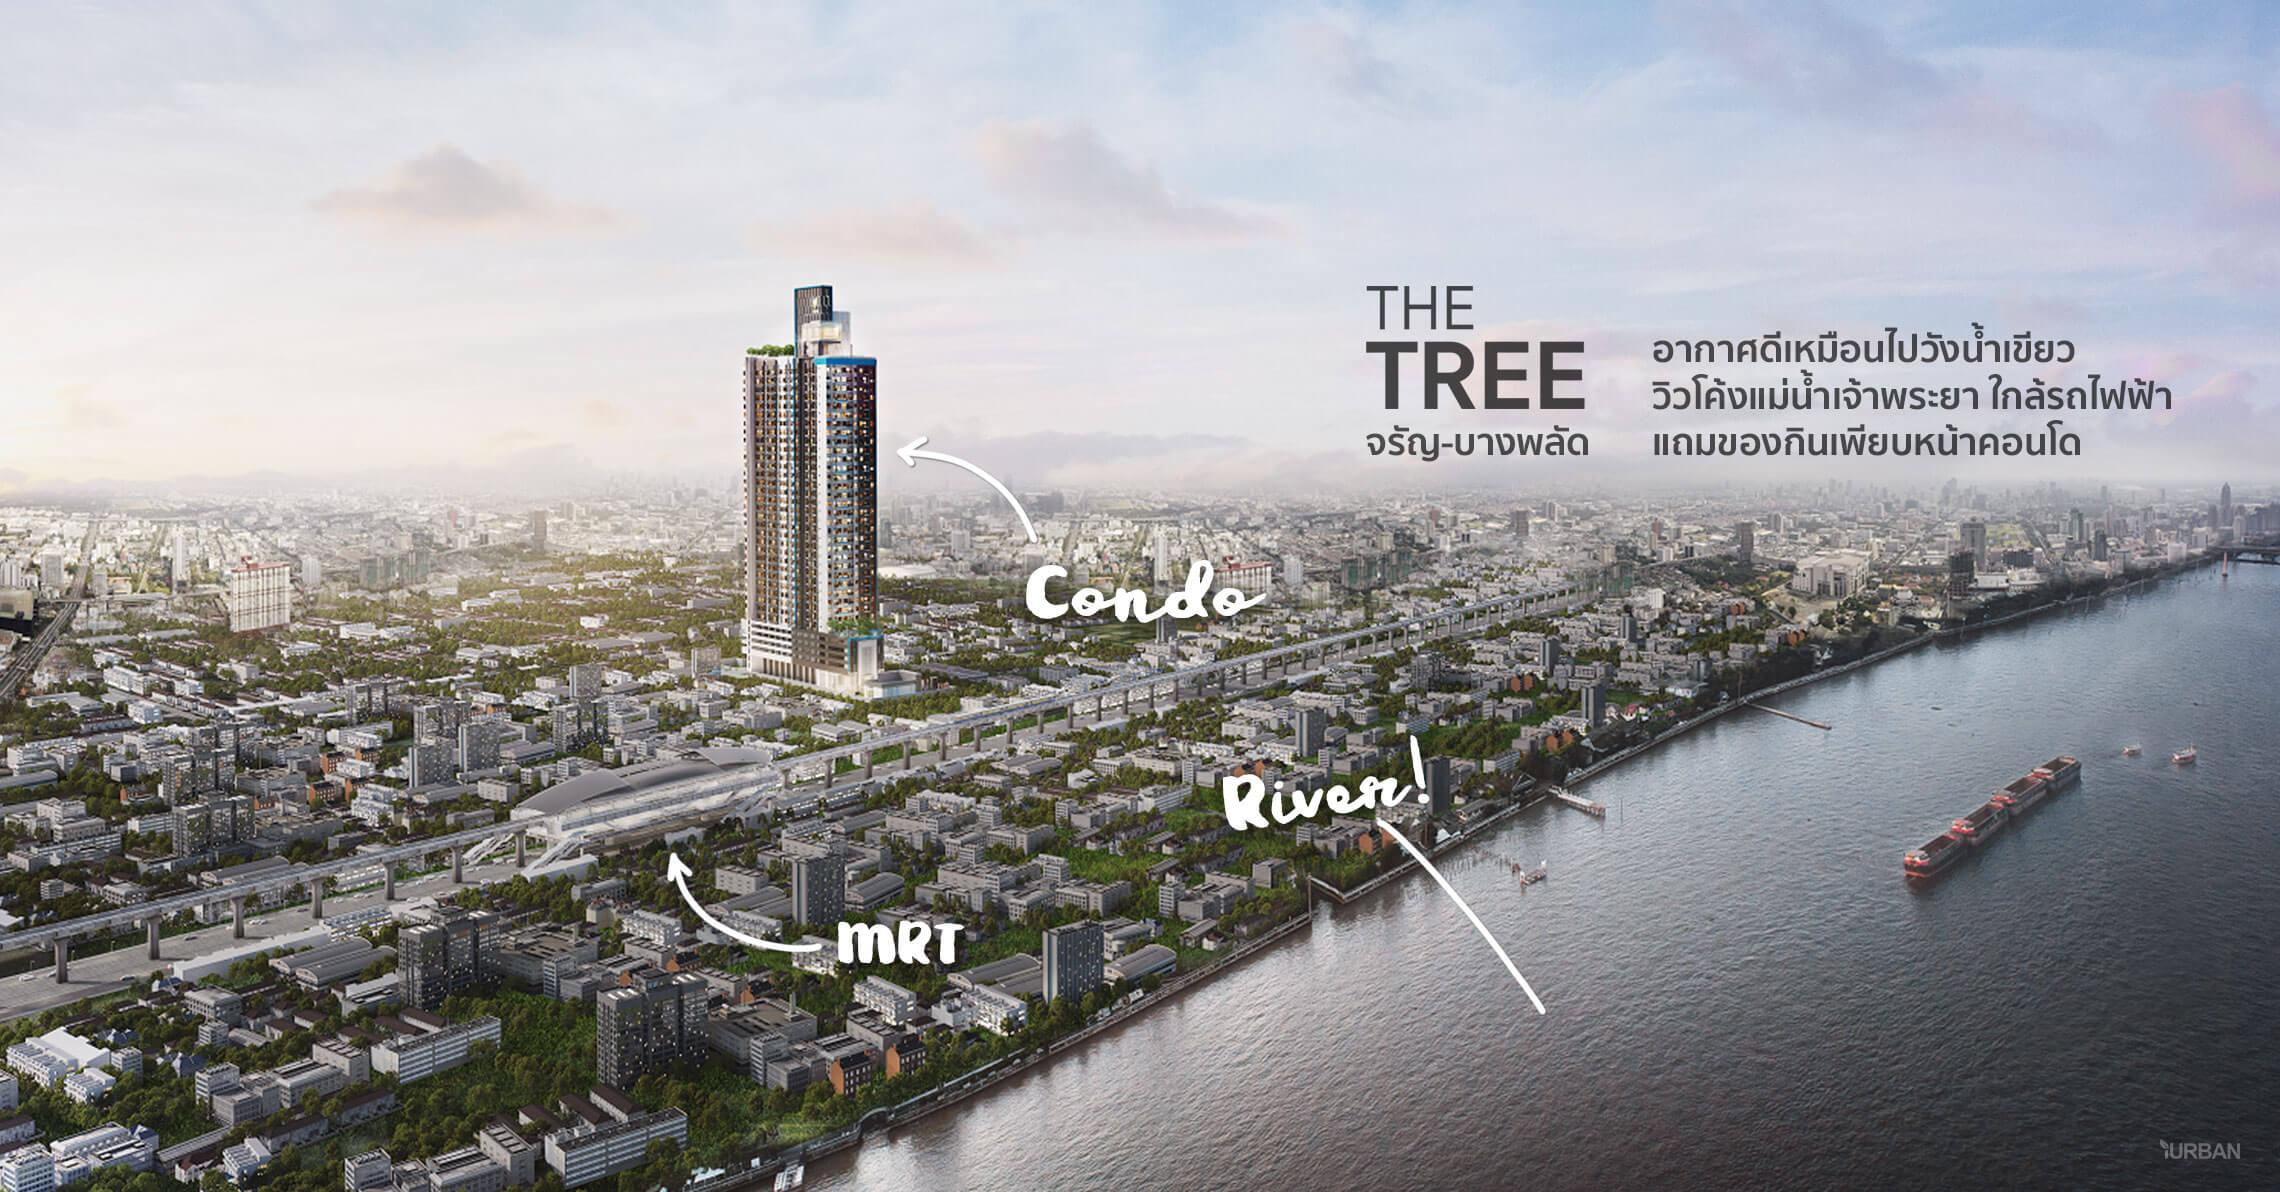 The Tree จรัญ-บางพลัด คอนโดมีระบบอากาศดี ติดรถไฟฟ้าแต่ได้วิวสวยโค้งแม่น้ำเจ้าพระยา 13 - Premium